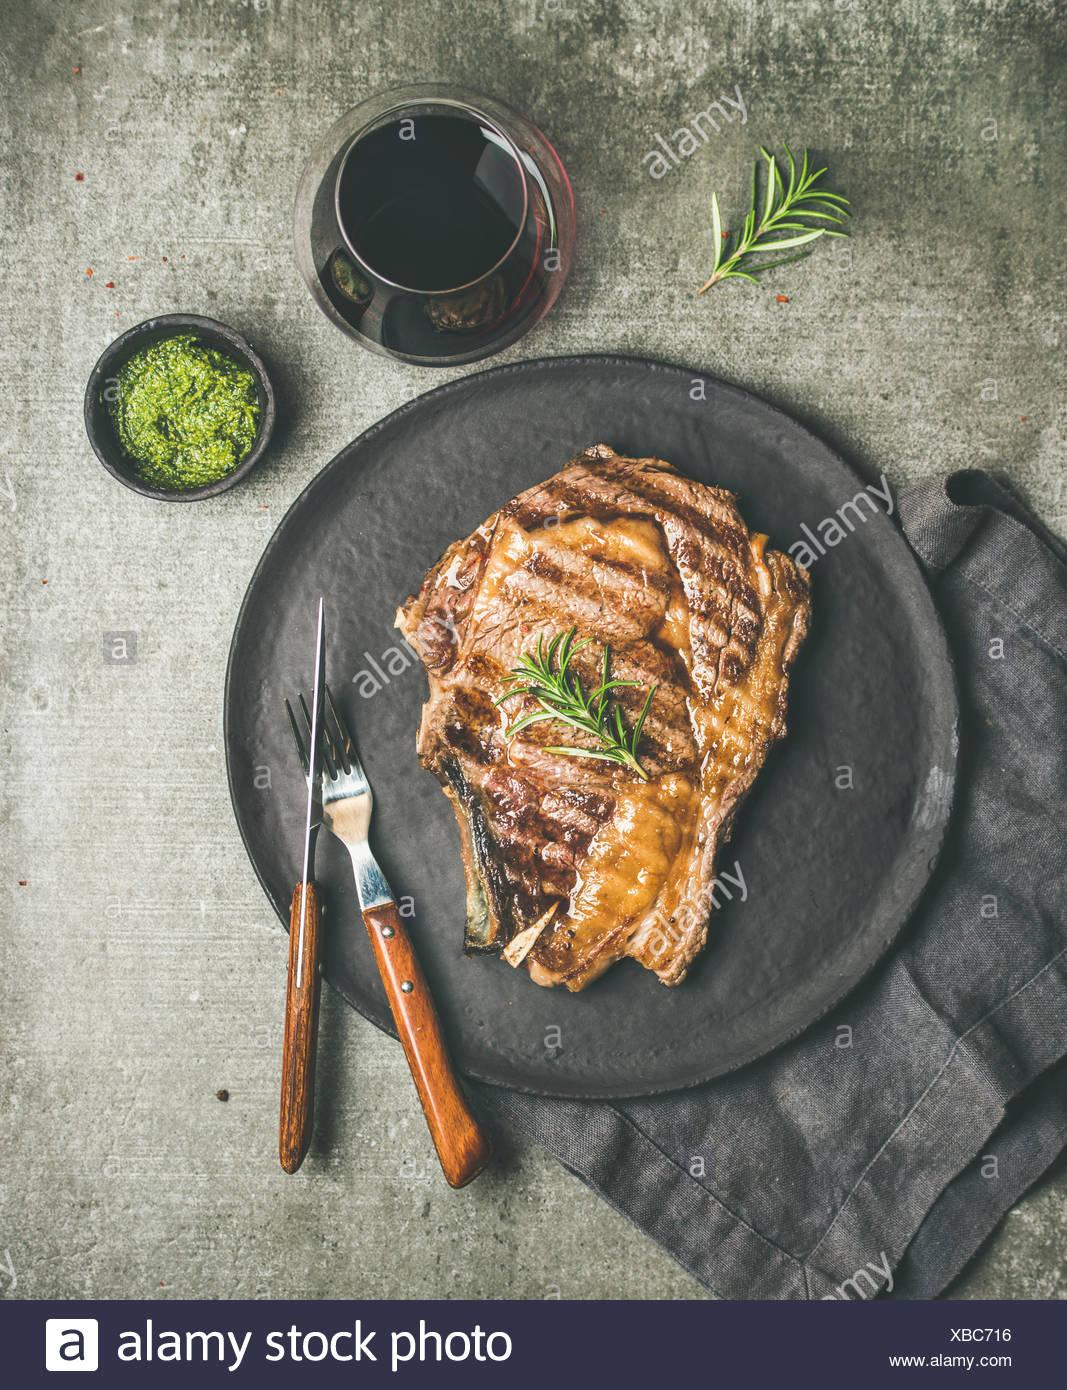 Flat-lay of Grilled hot rib-eye beef steak on bone with chimichurri